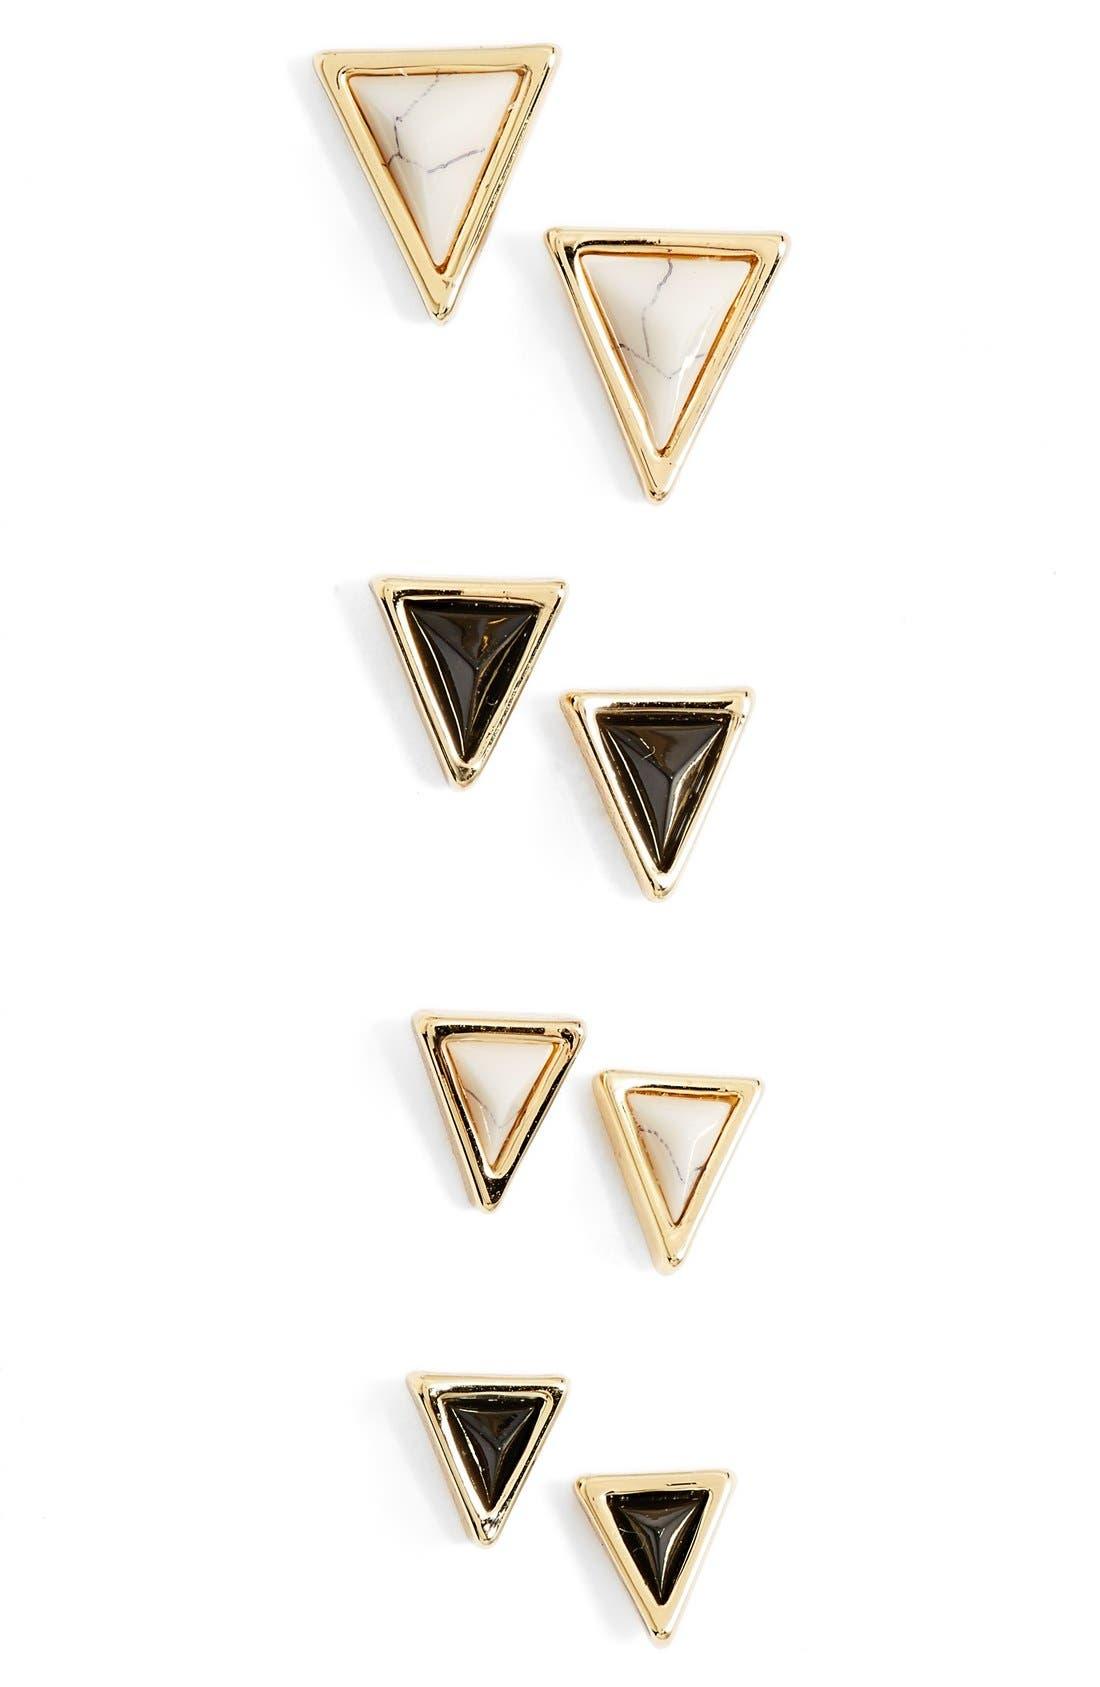 Main Image - House of Harlow 1960 'Meteoria' Stud Earrings (Set of 4)